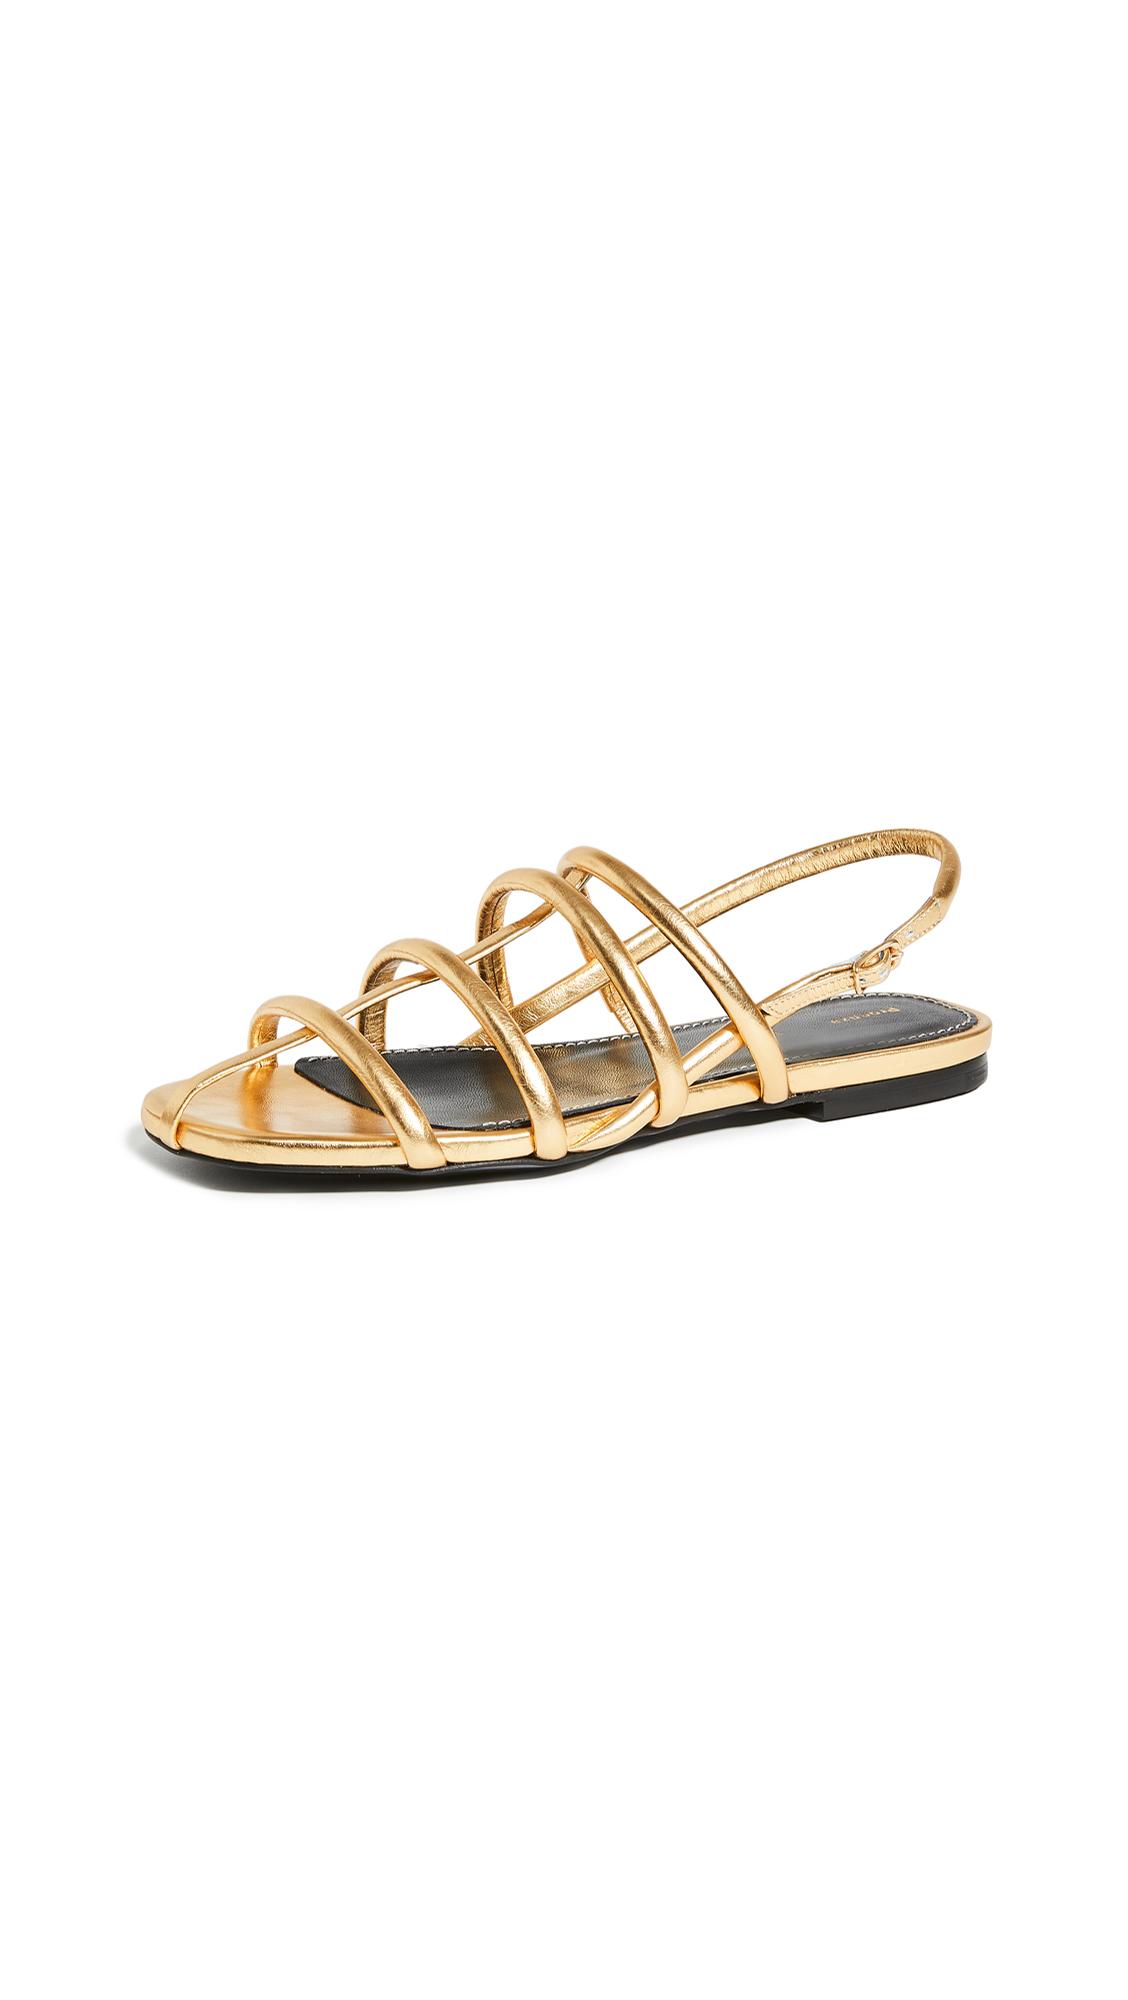 Buy Proenza Schouler Strappy Flat Sandals online, shop Proenza Schouler